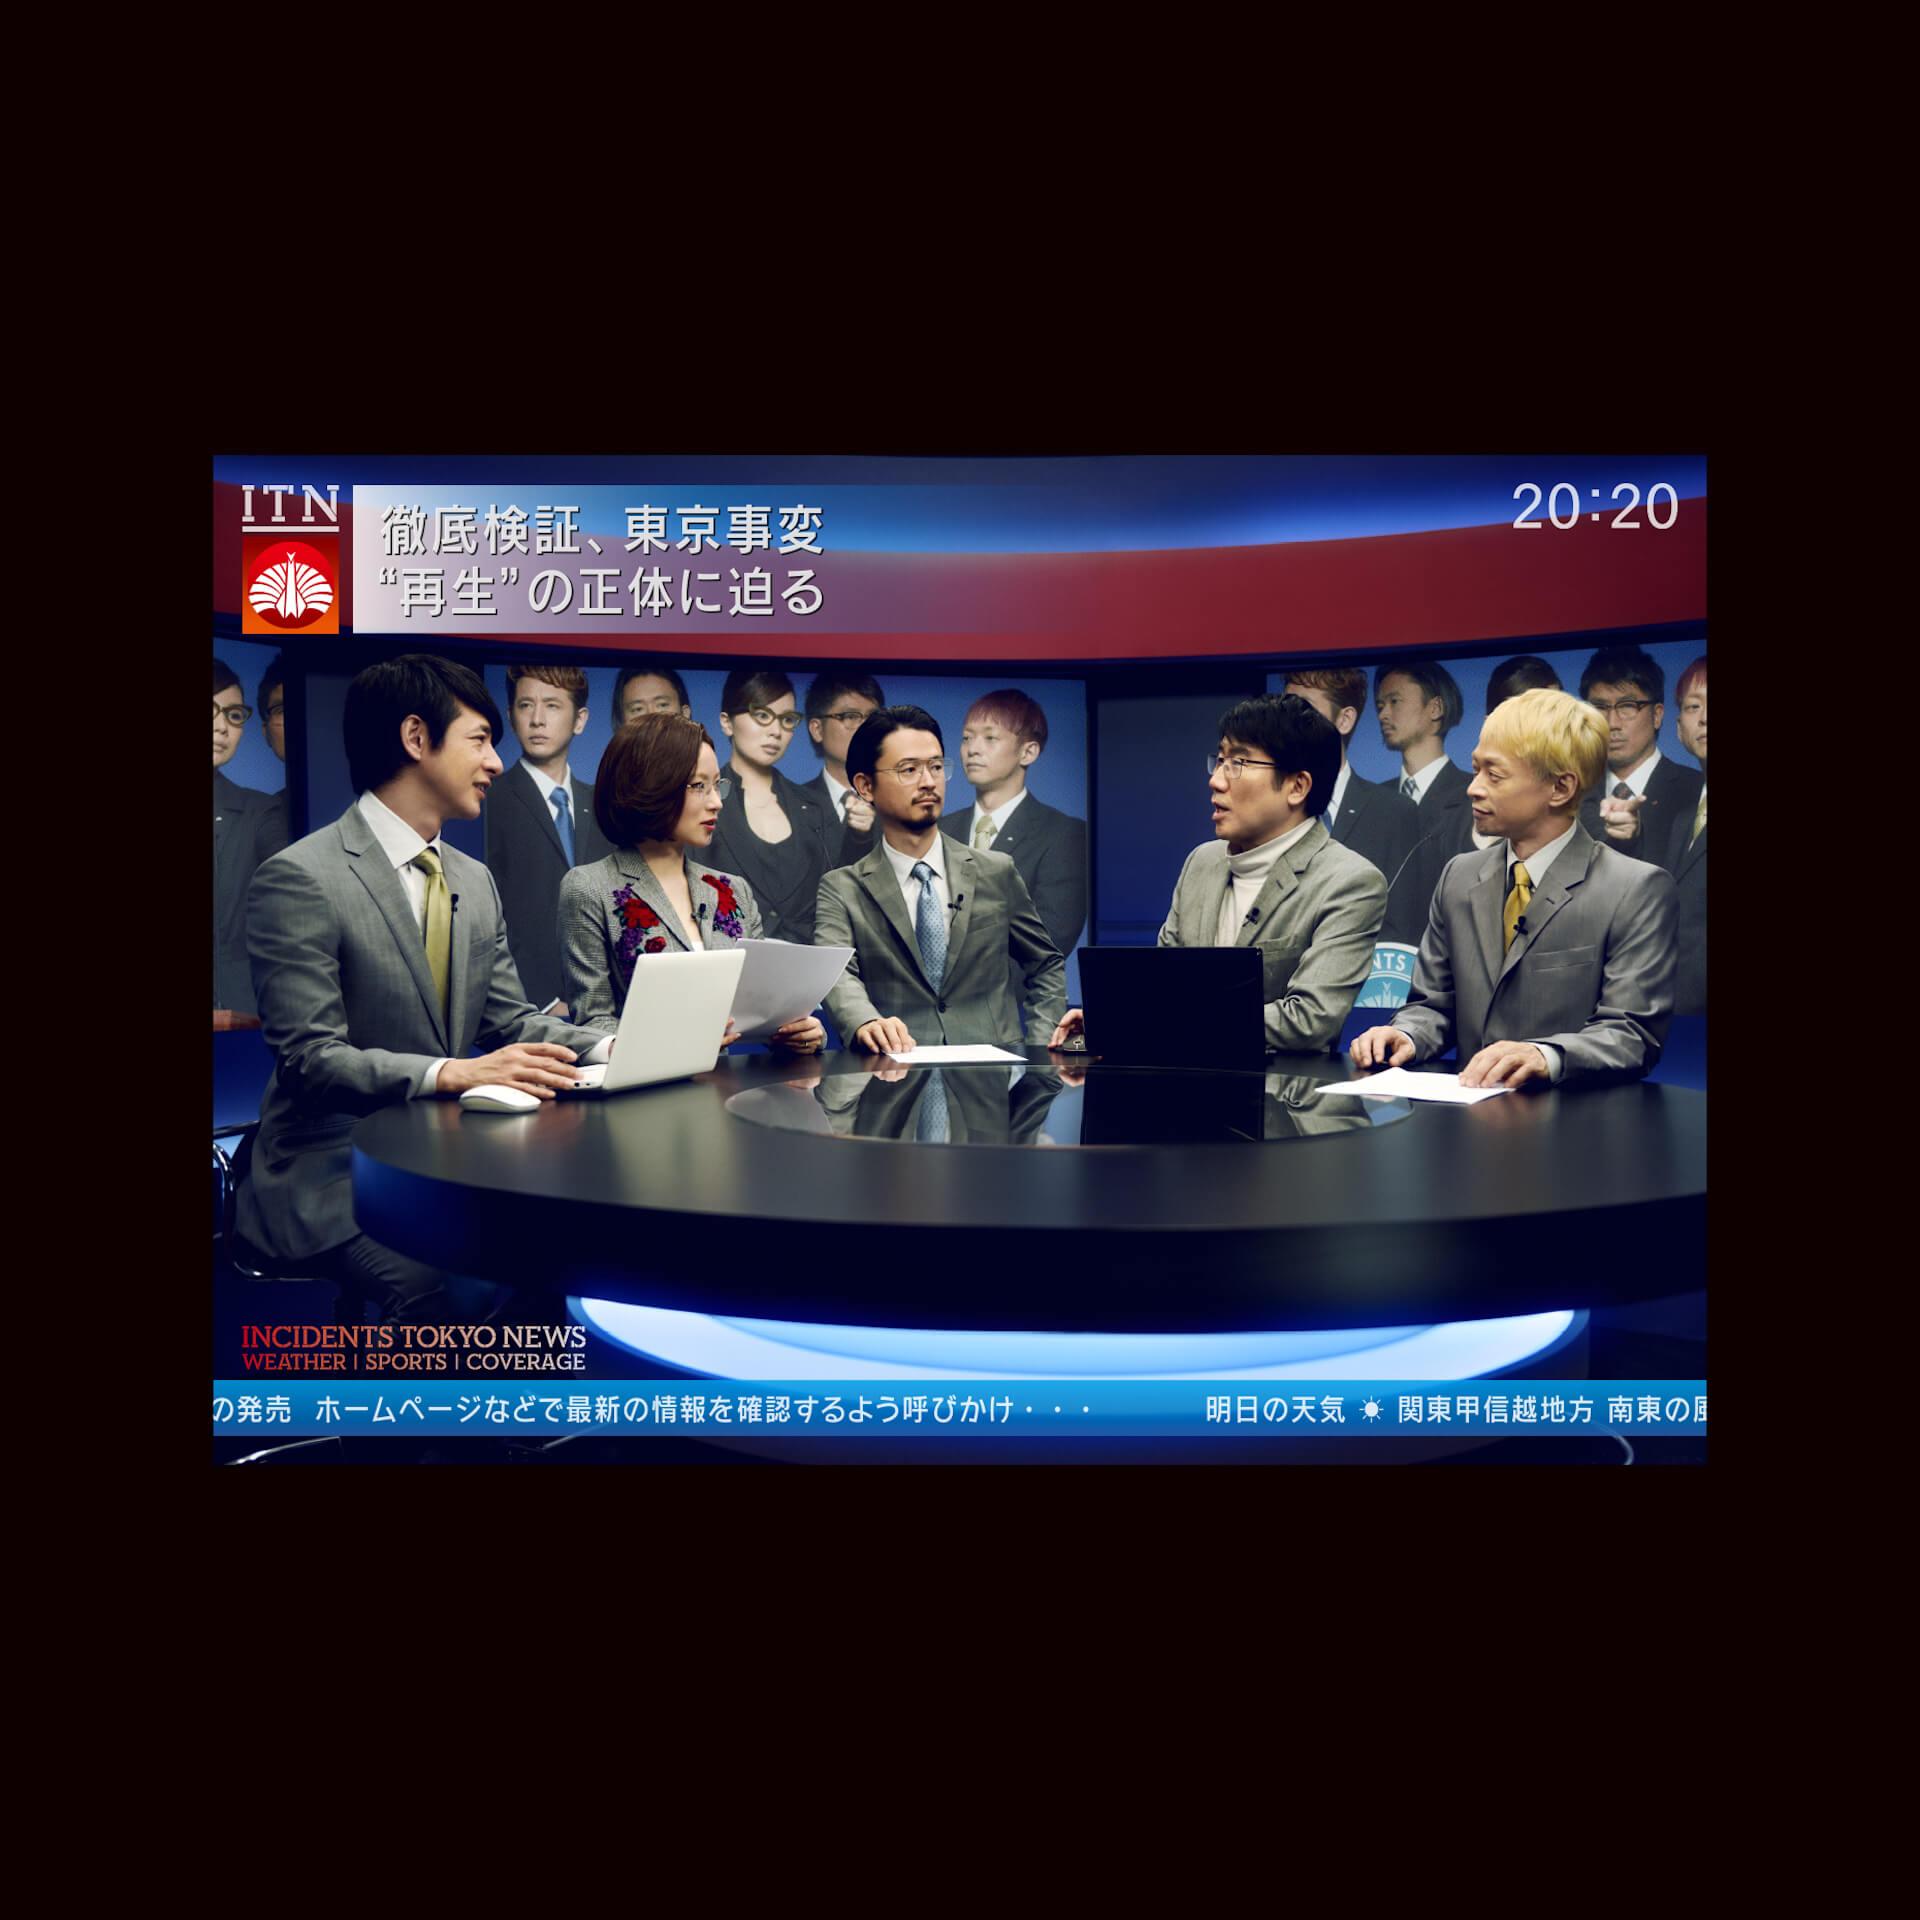 東京事変の新EP『ニュース』収録曲がついに判明!メンバーそれぞれが作曲した5曲入りに music200311_tokyoincident_2